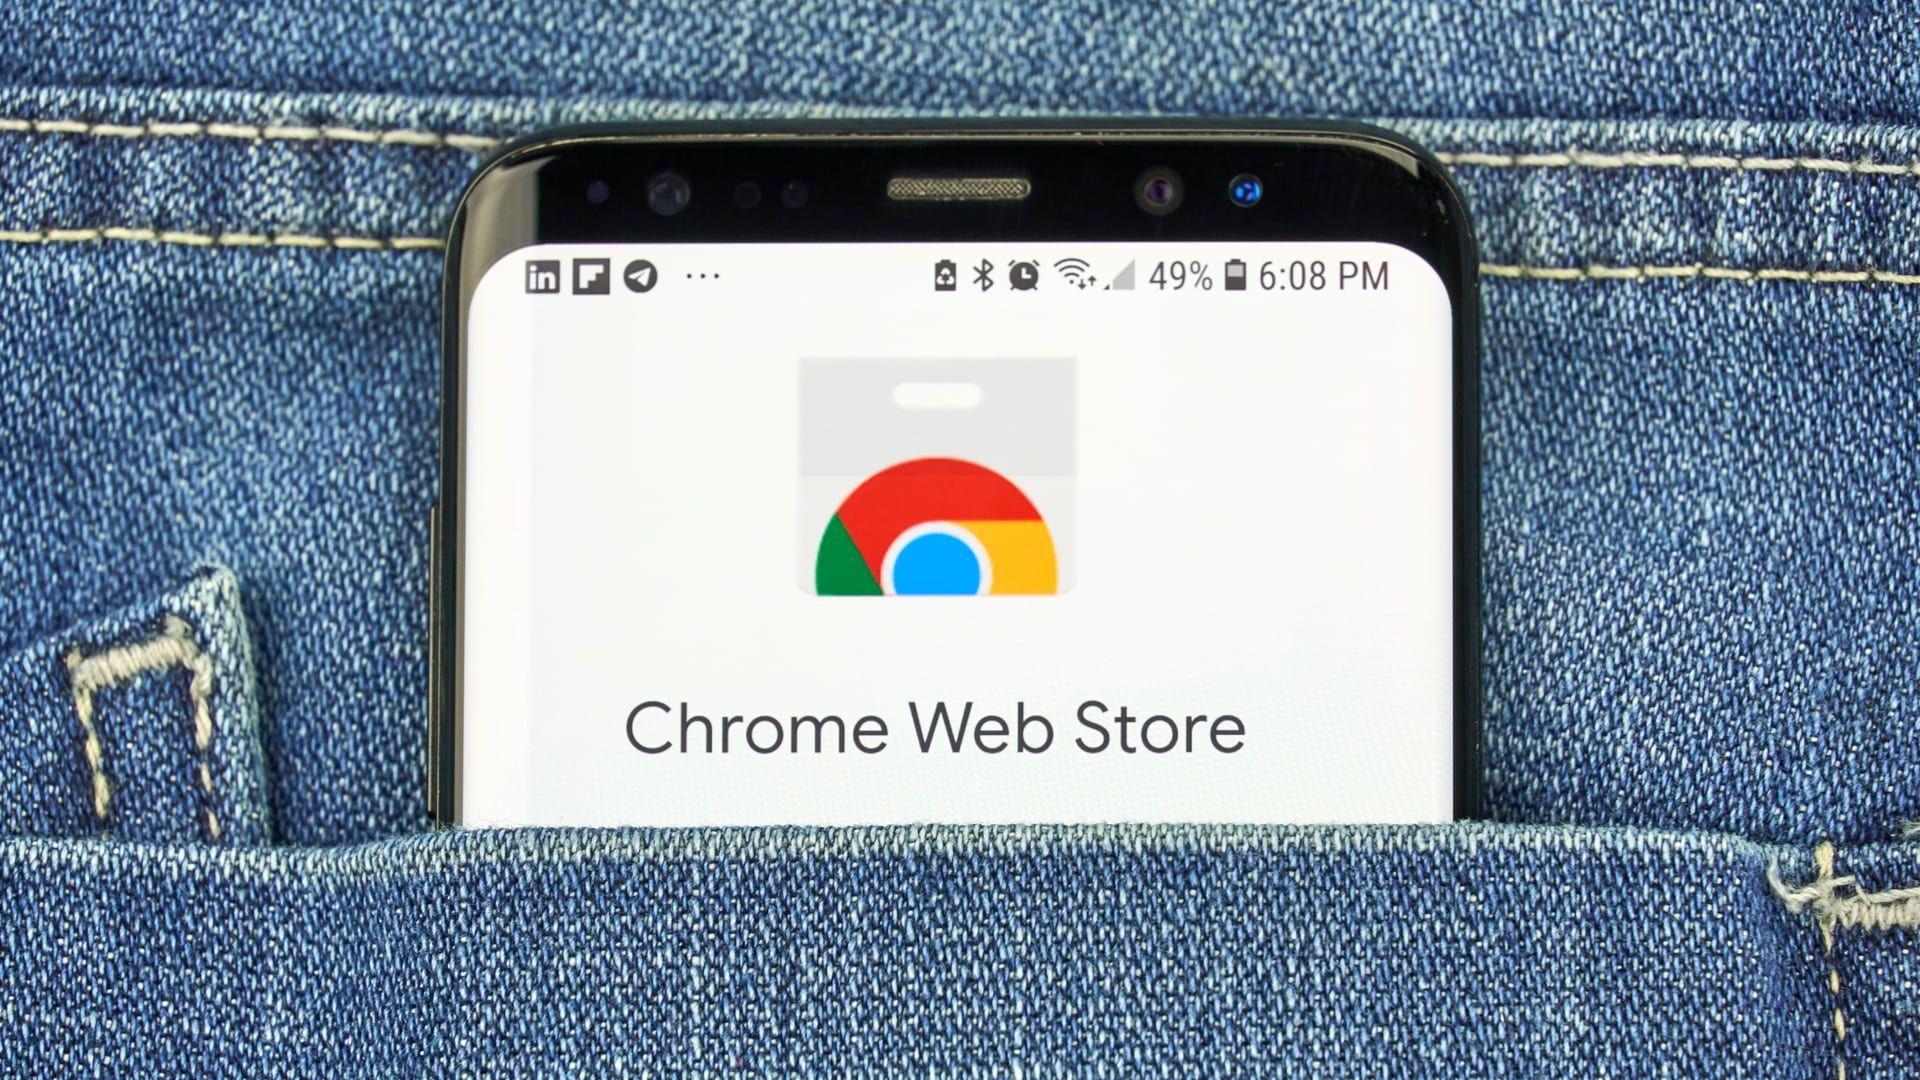 Foto mostra celular dentro de bolso de calça jeans mostrando aplicarico da Chrome Web Store